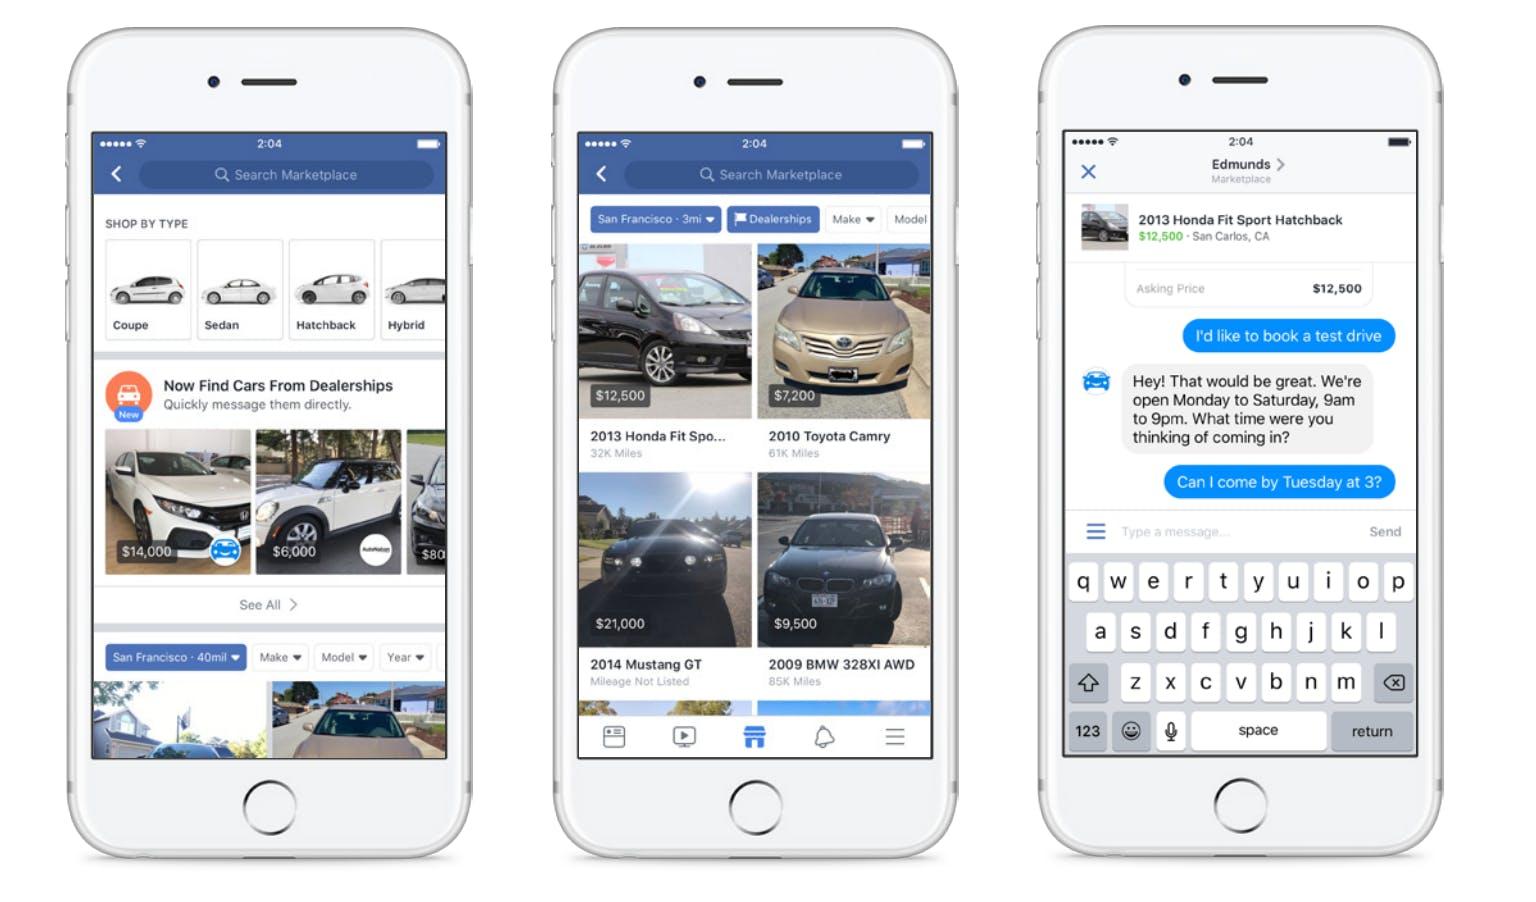 capture d'écran de 3 téléphones mobiles utilisant le marché Facebook pour acheter et vendre des voitures